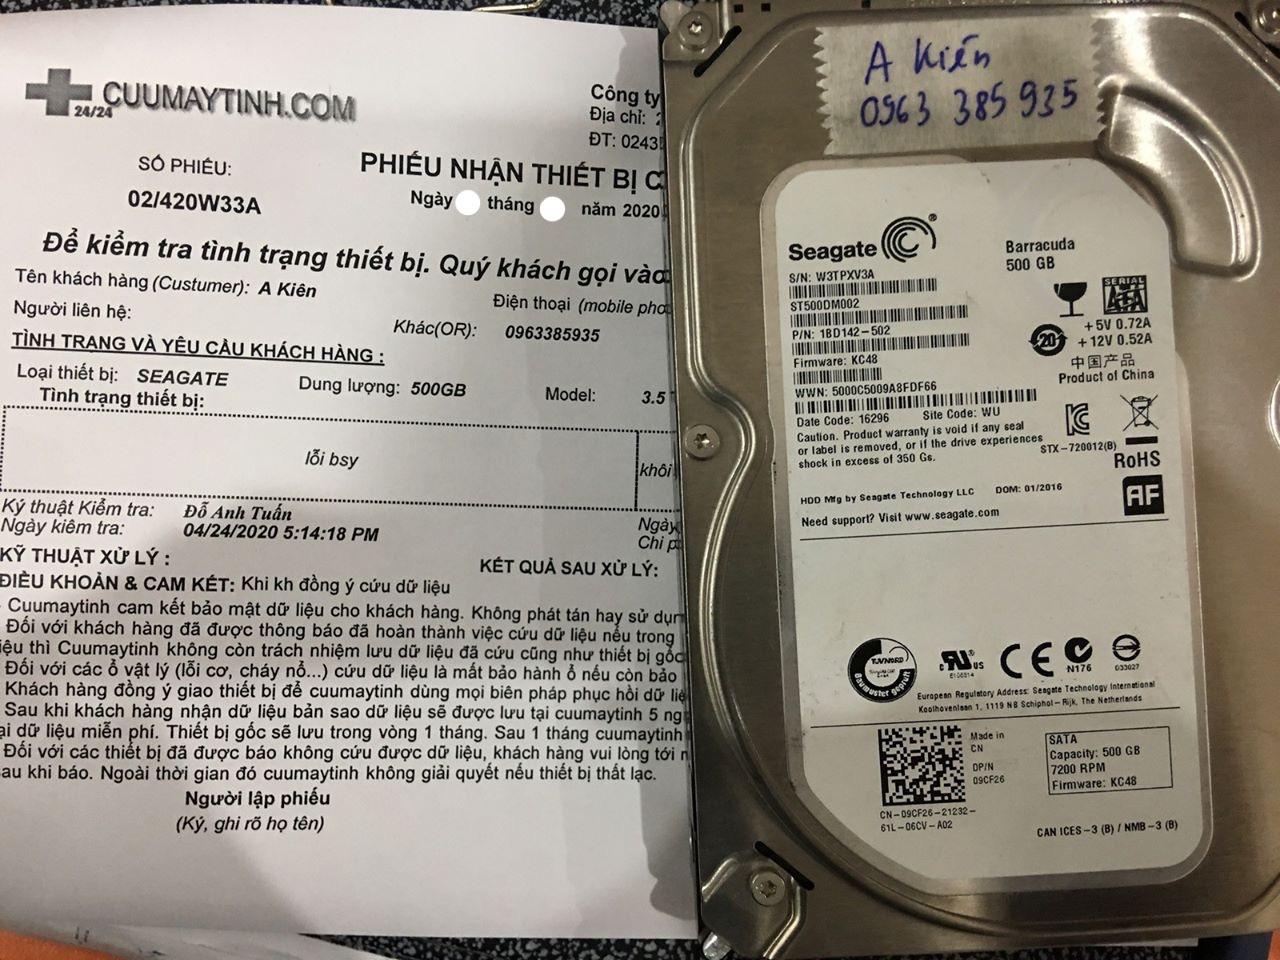 Khôi phục dữ liệu ổ cứng Seagate 500GB không nhận 05/05/2020 - cuumaytinh